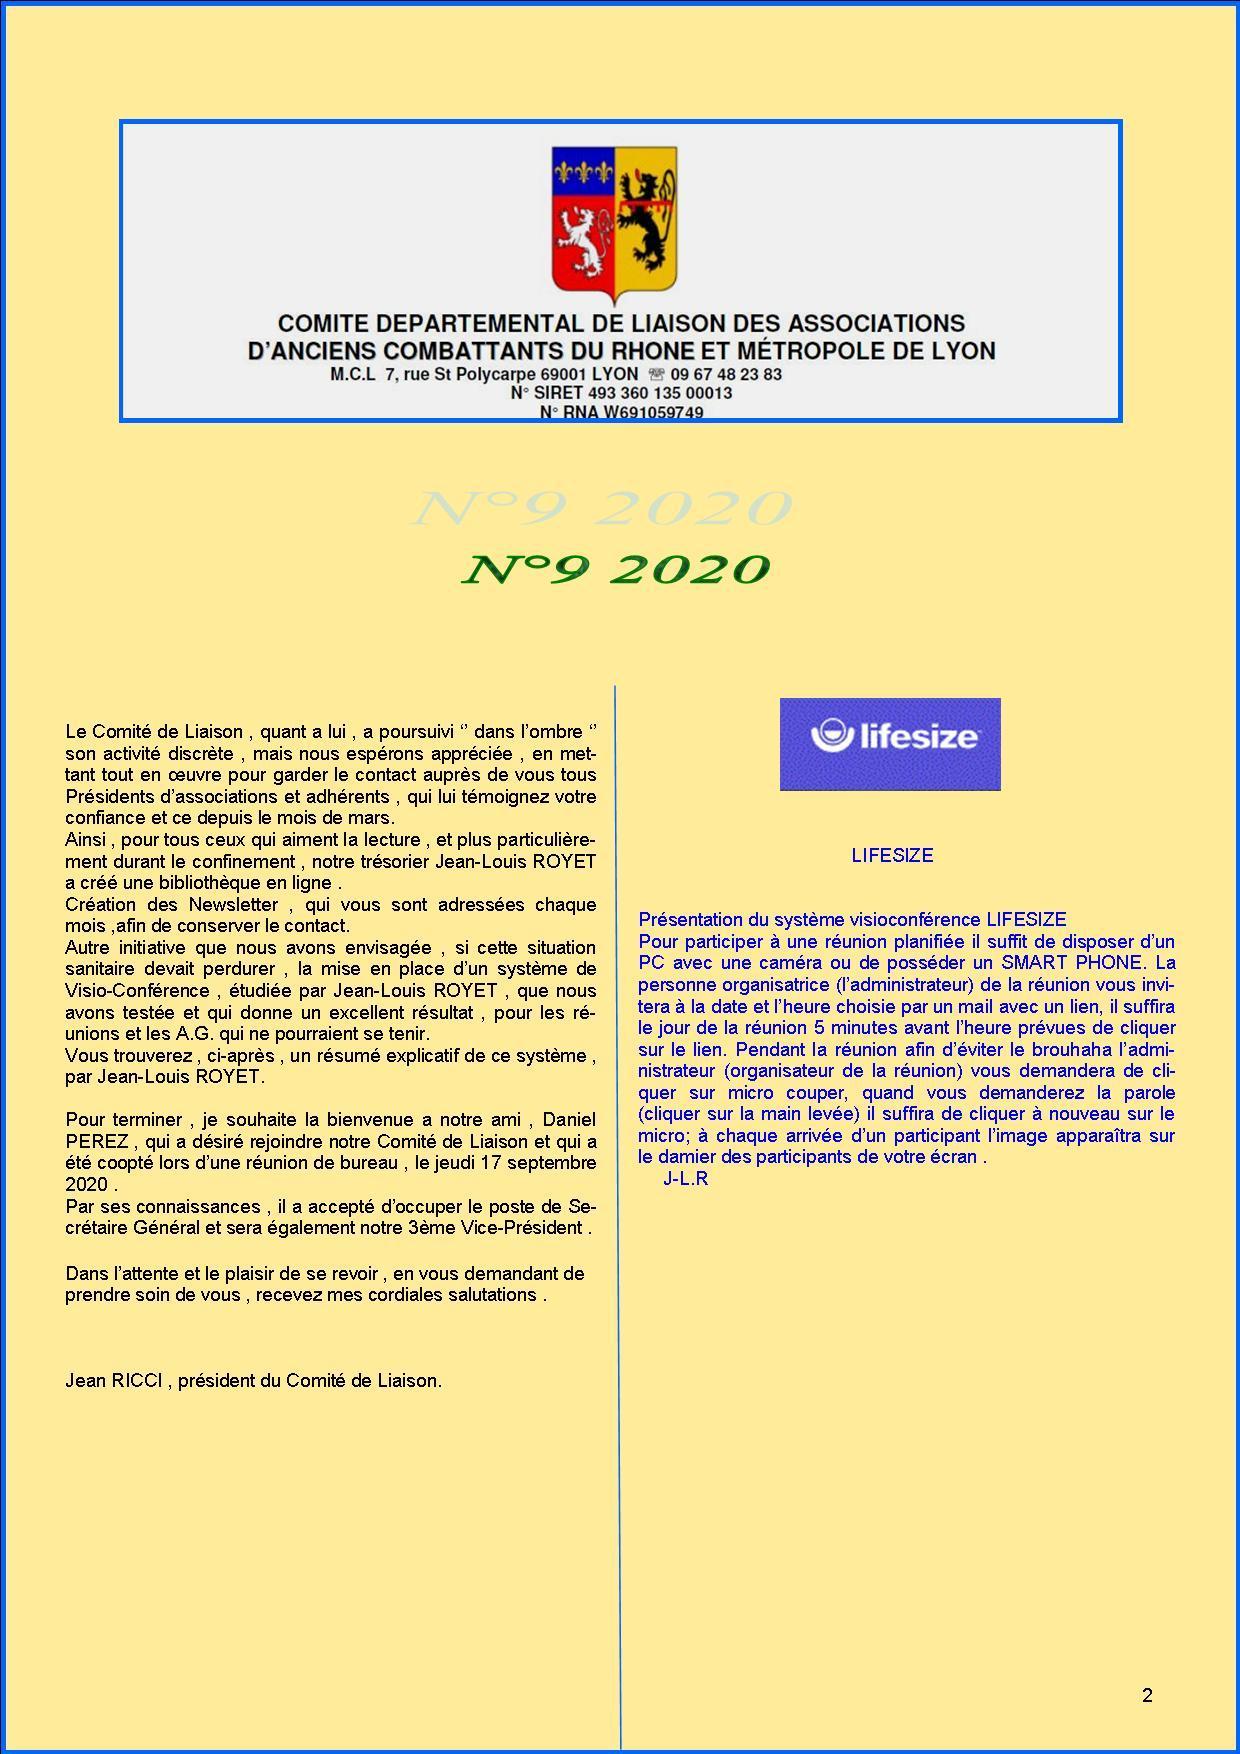 Newsletter comite de liaisonn 9 2020 p2